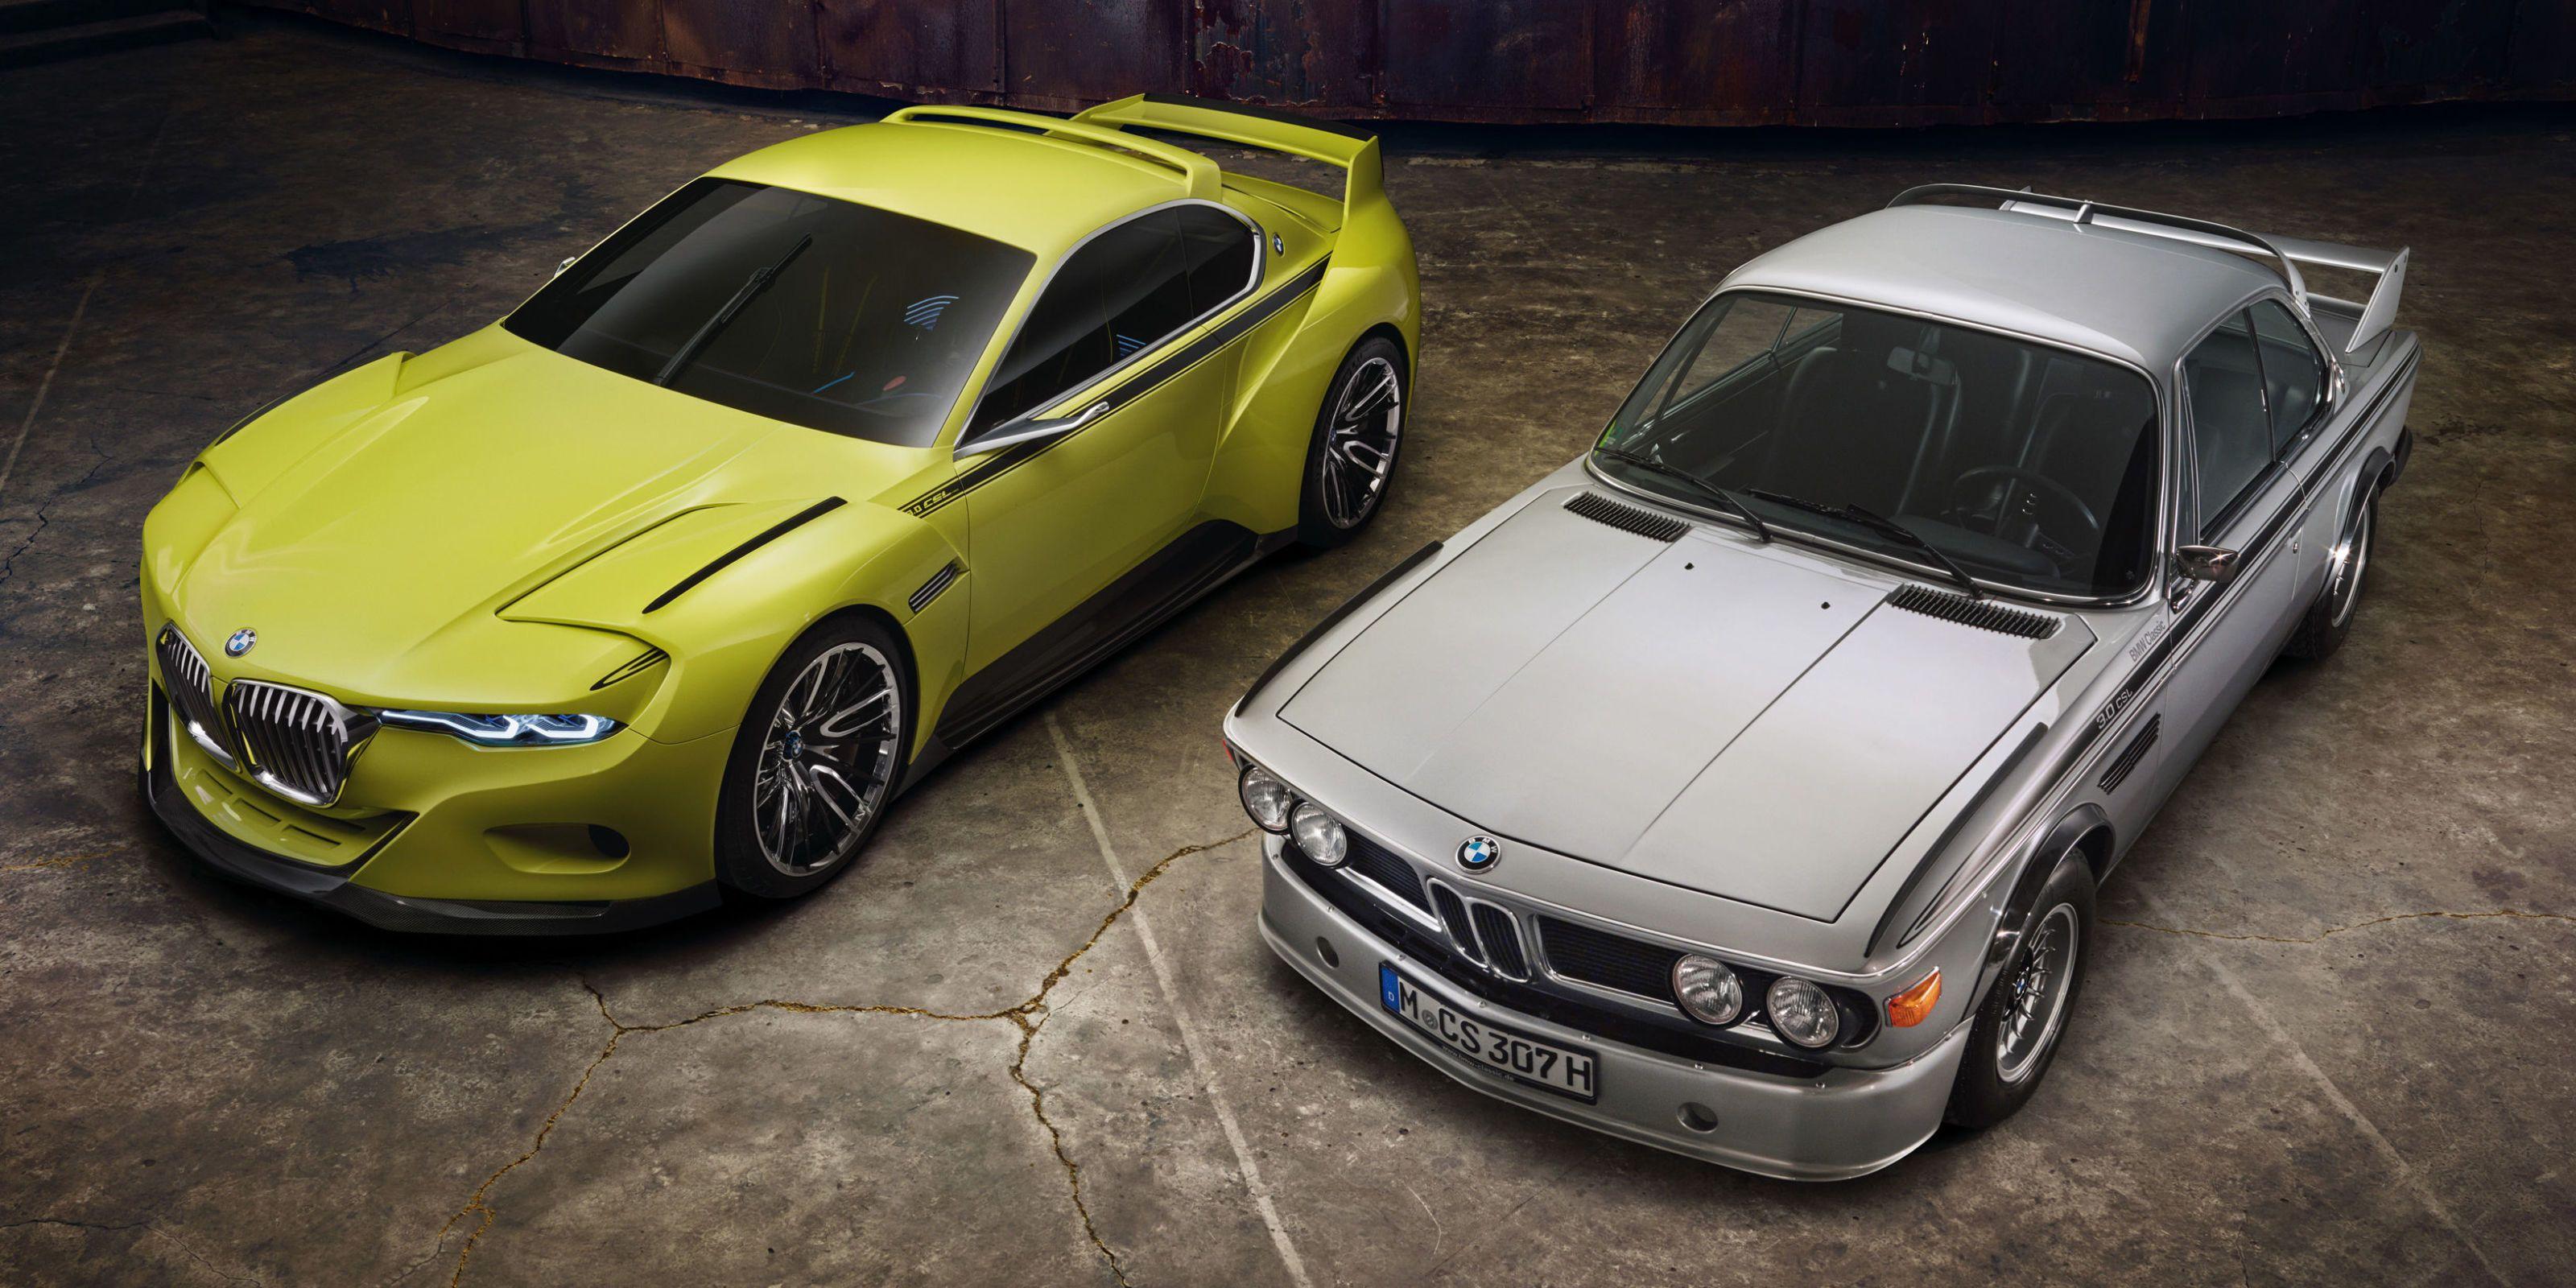 BMW 3.0 CSL Homage Concept unveiled at Villa d'Este